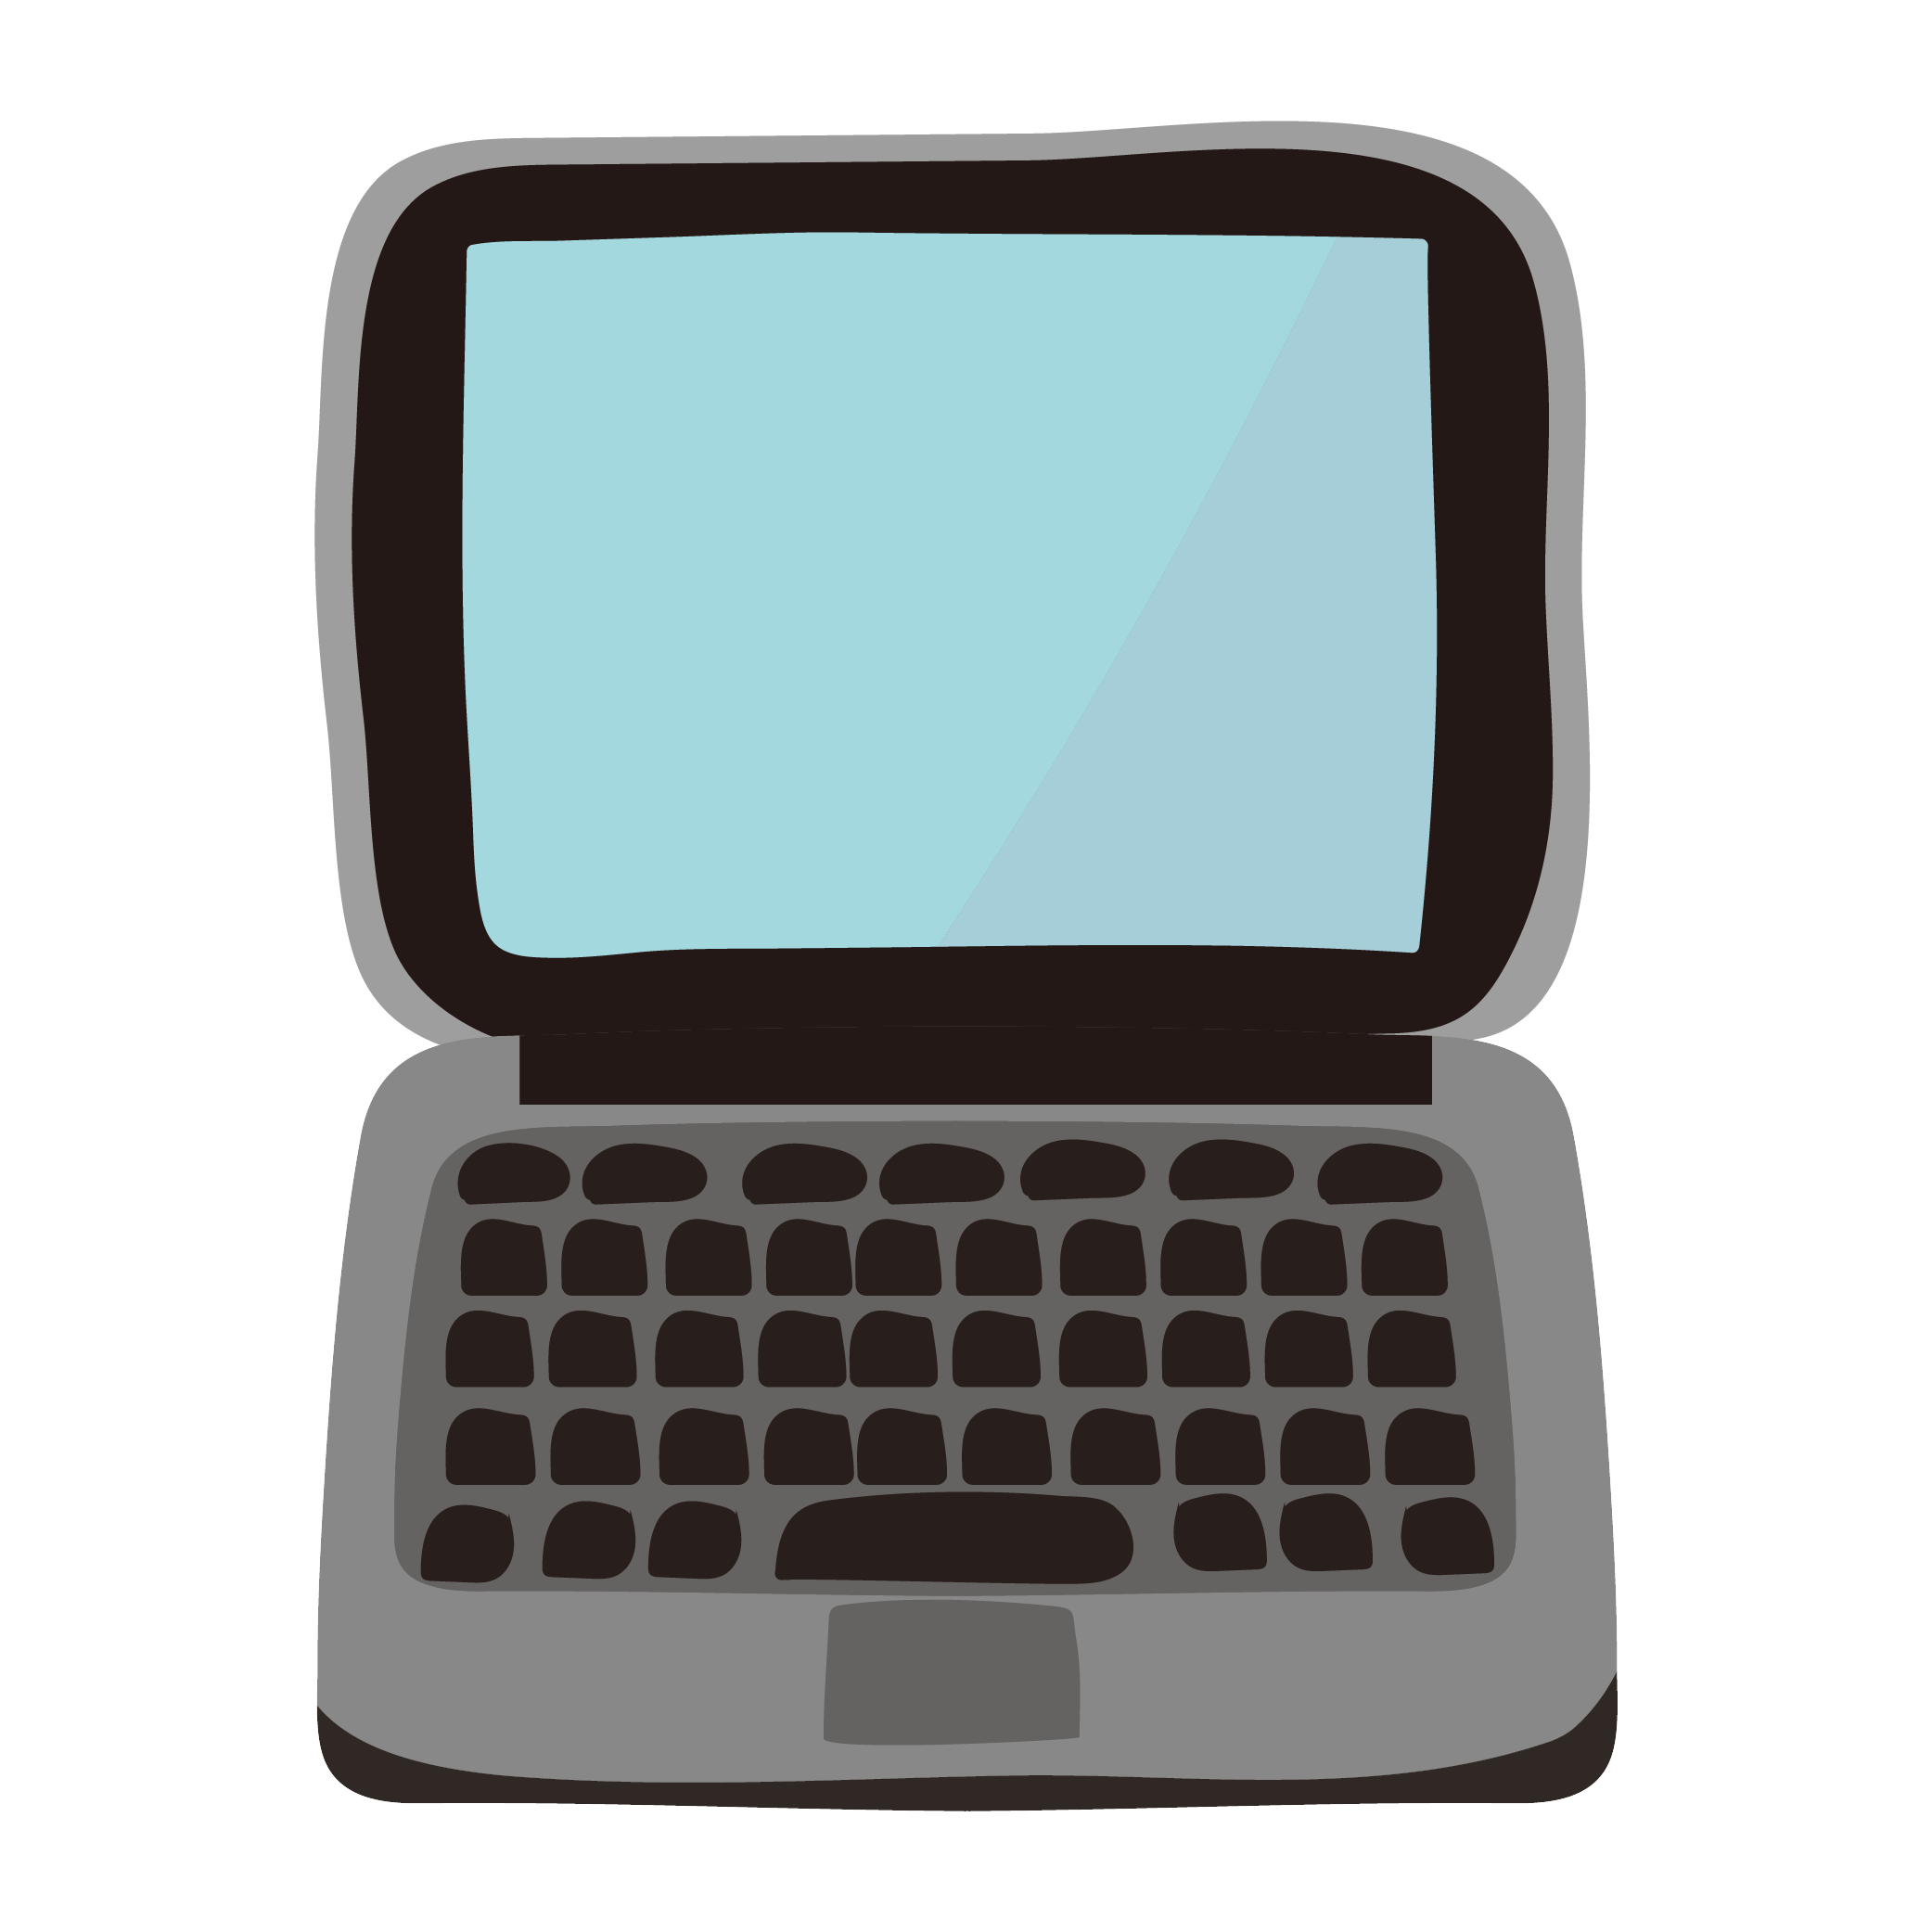 ノートパソコン(pc・ラップトップ)のイラスト | 商用フリー(無料)の